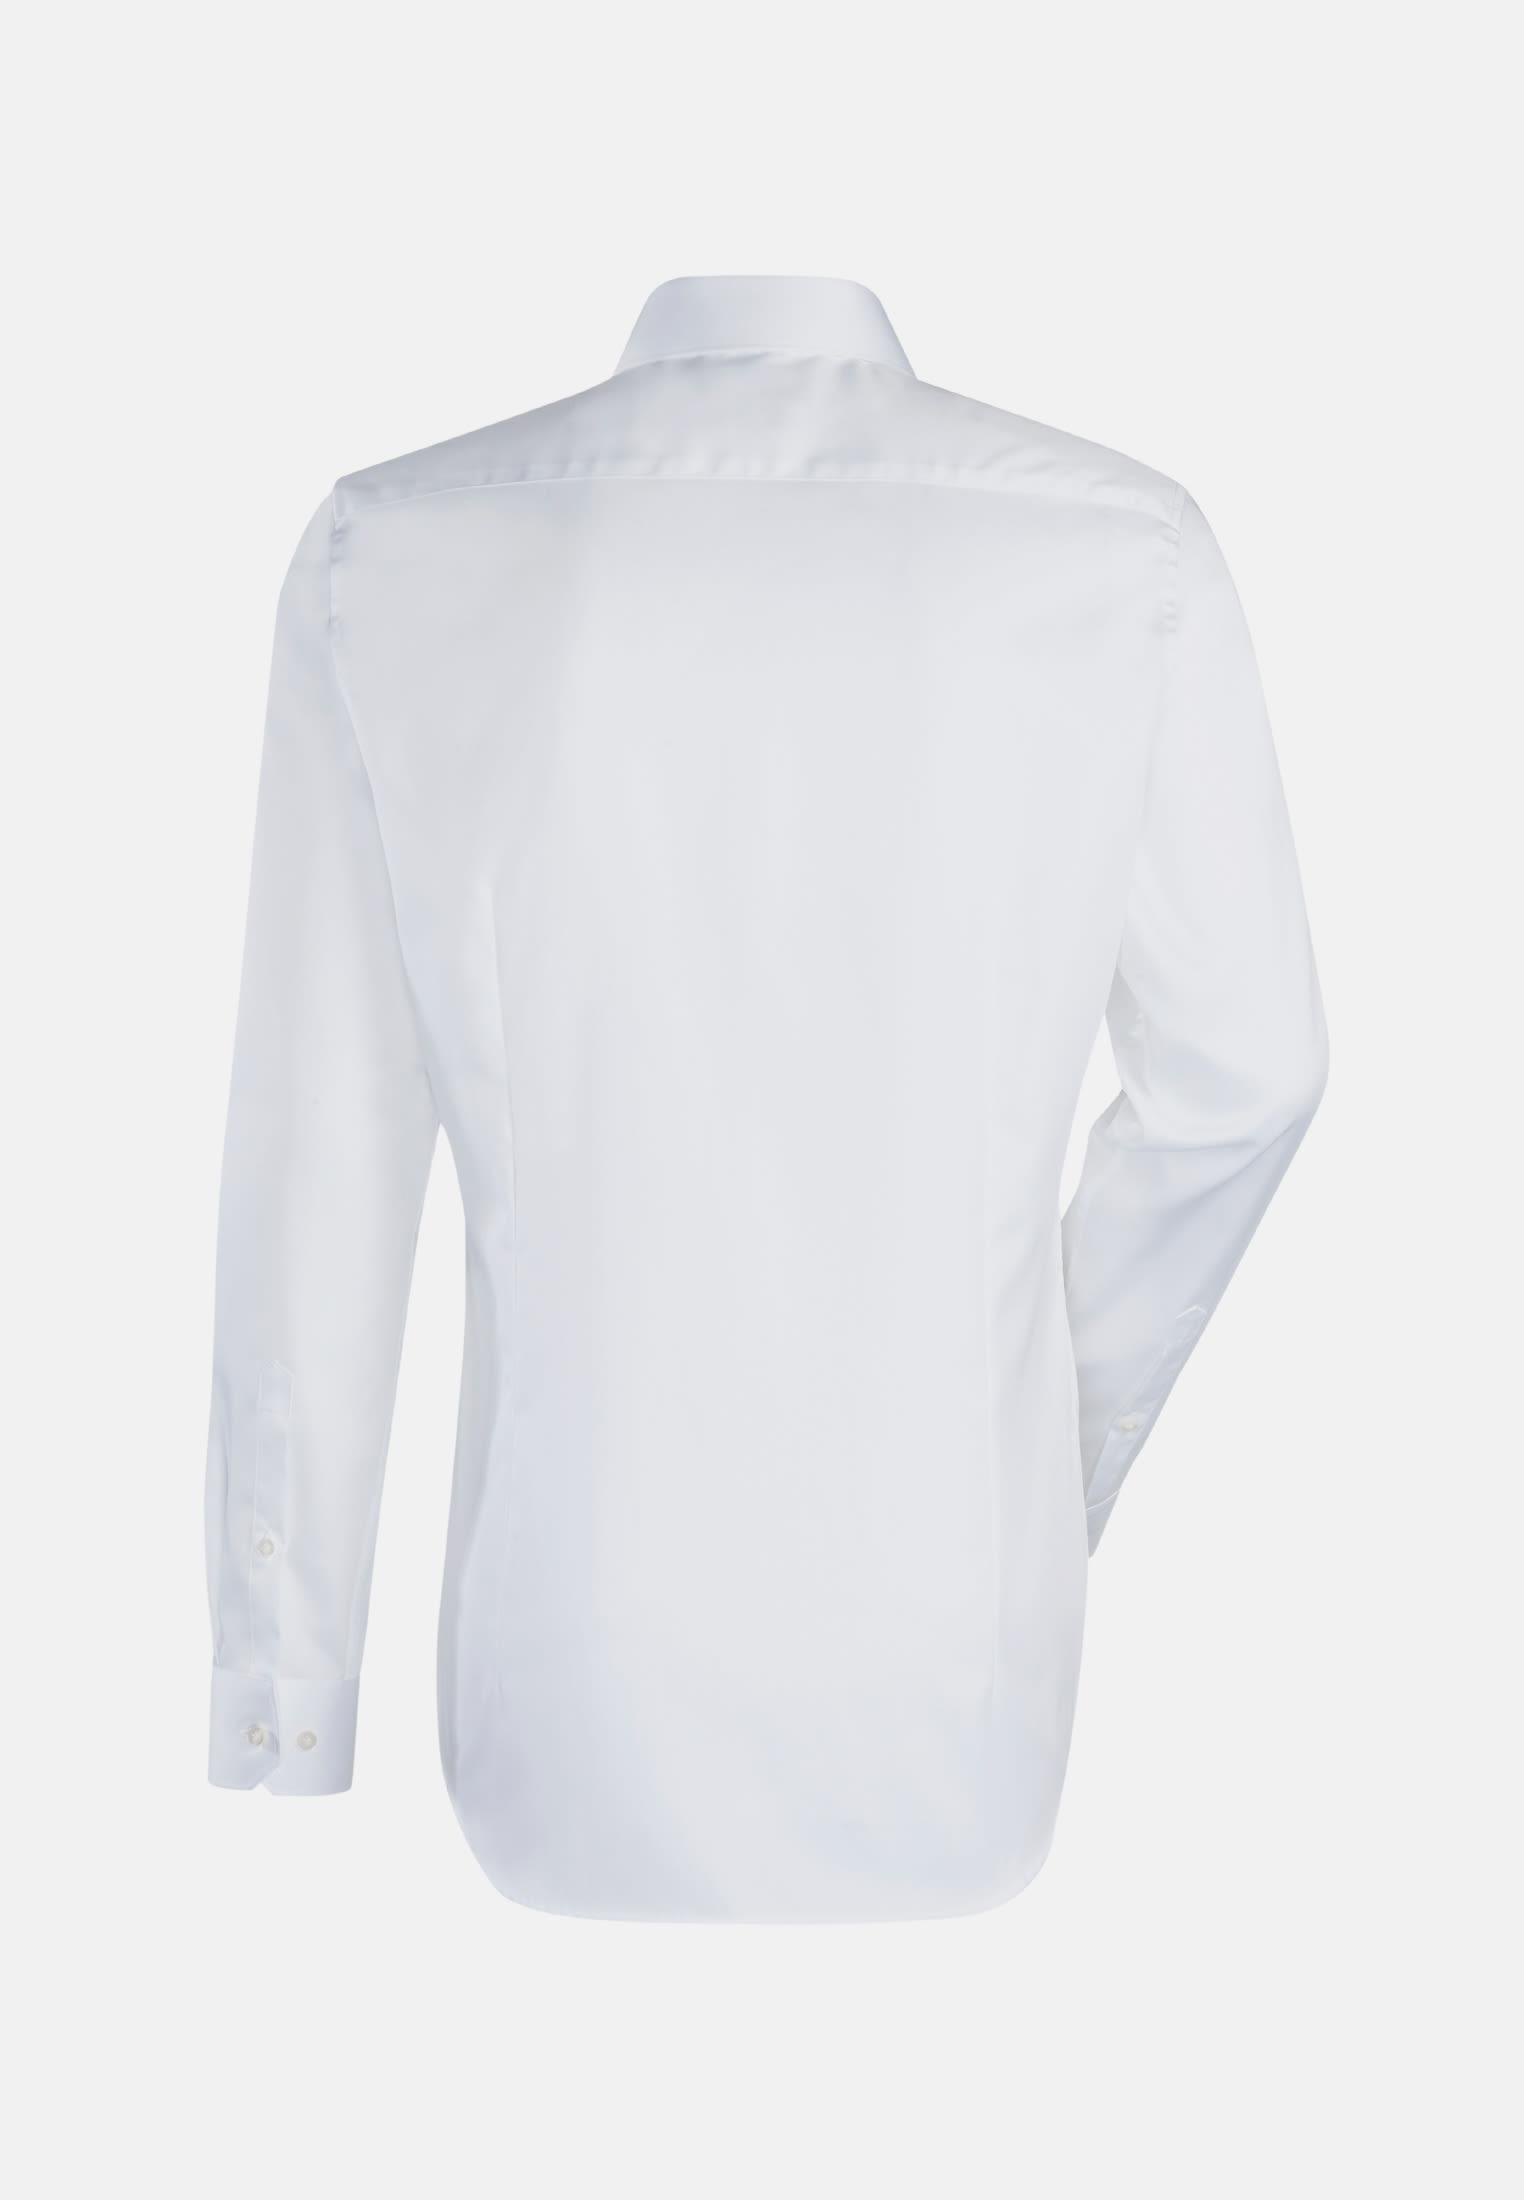 Satin Business Hemd in Slim Fit mit Kentkragen und extra langem Arm in Weiß    Jacques Britt Onlineshop